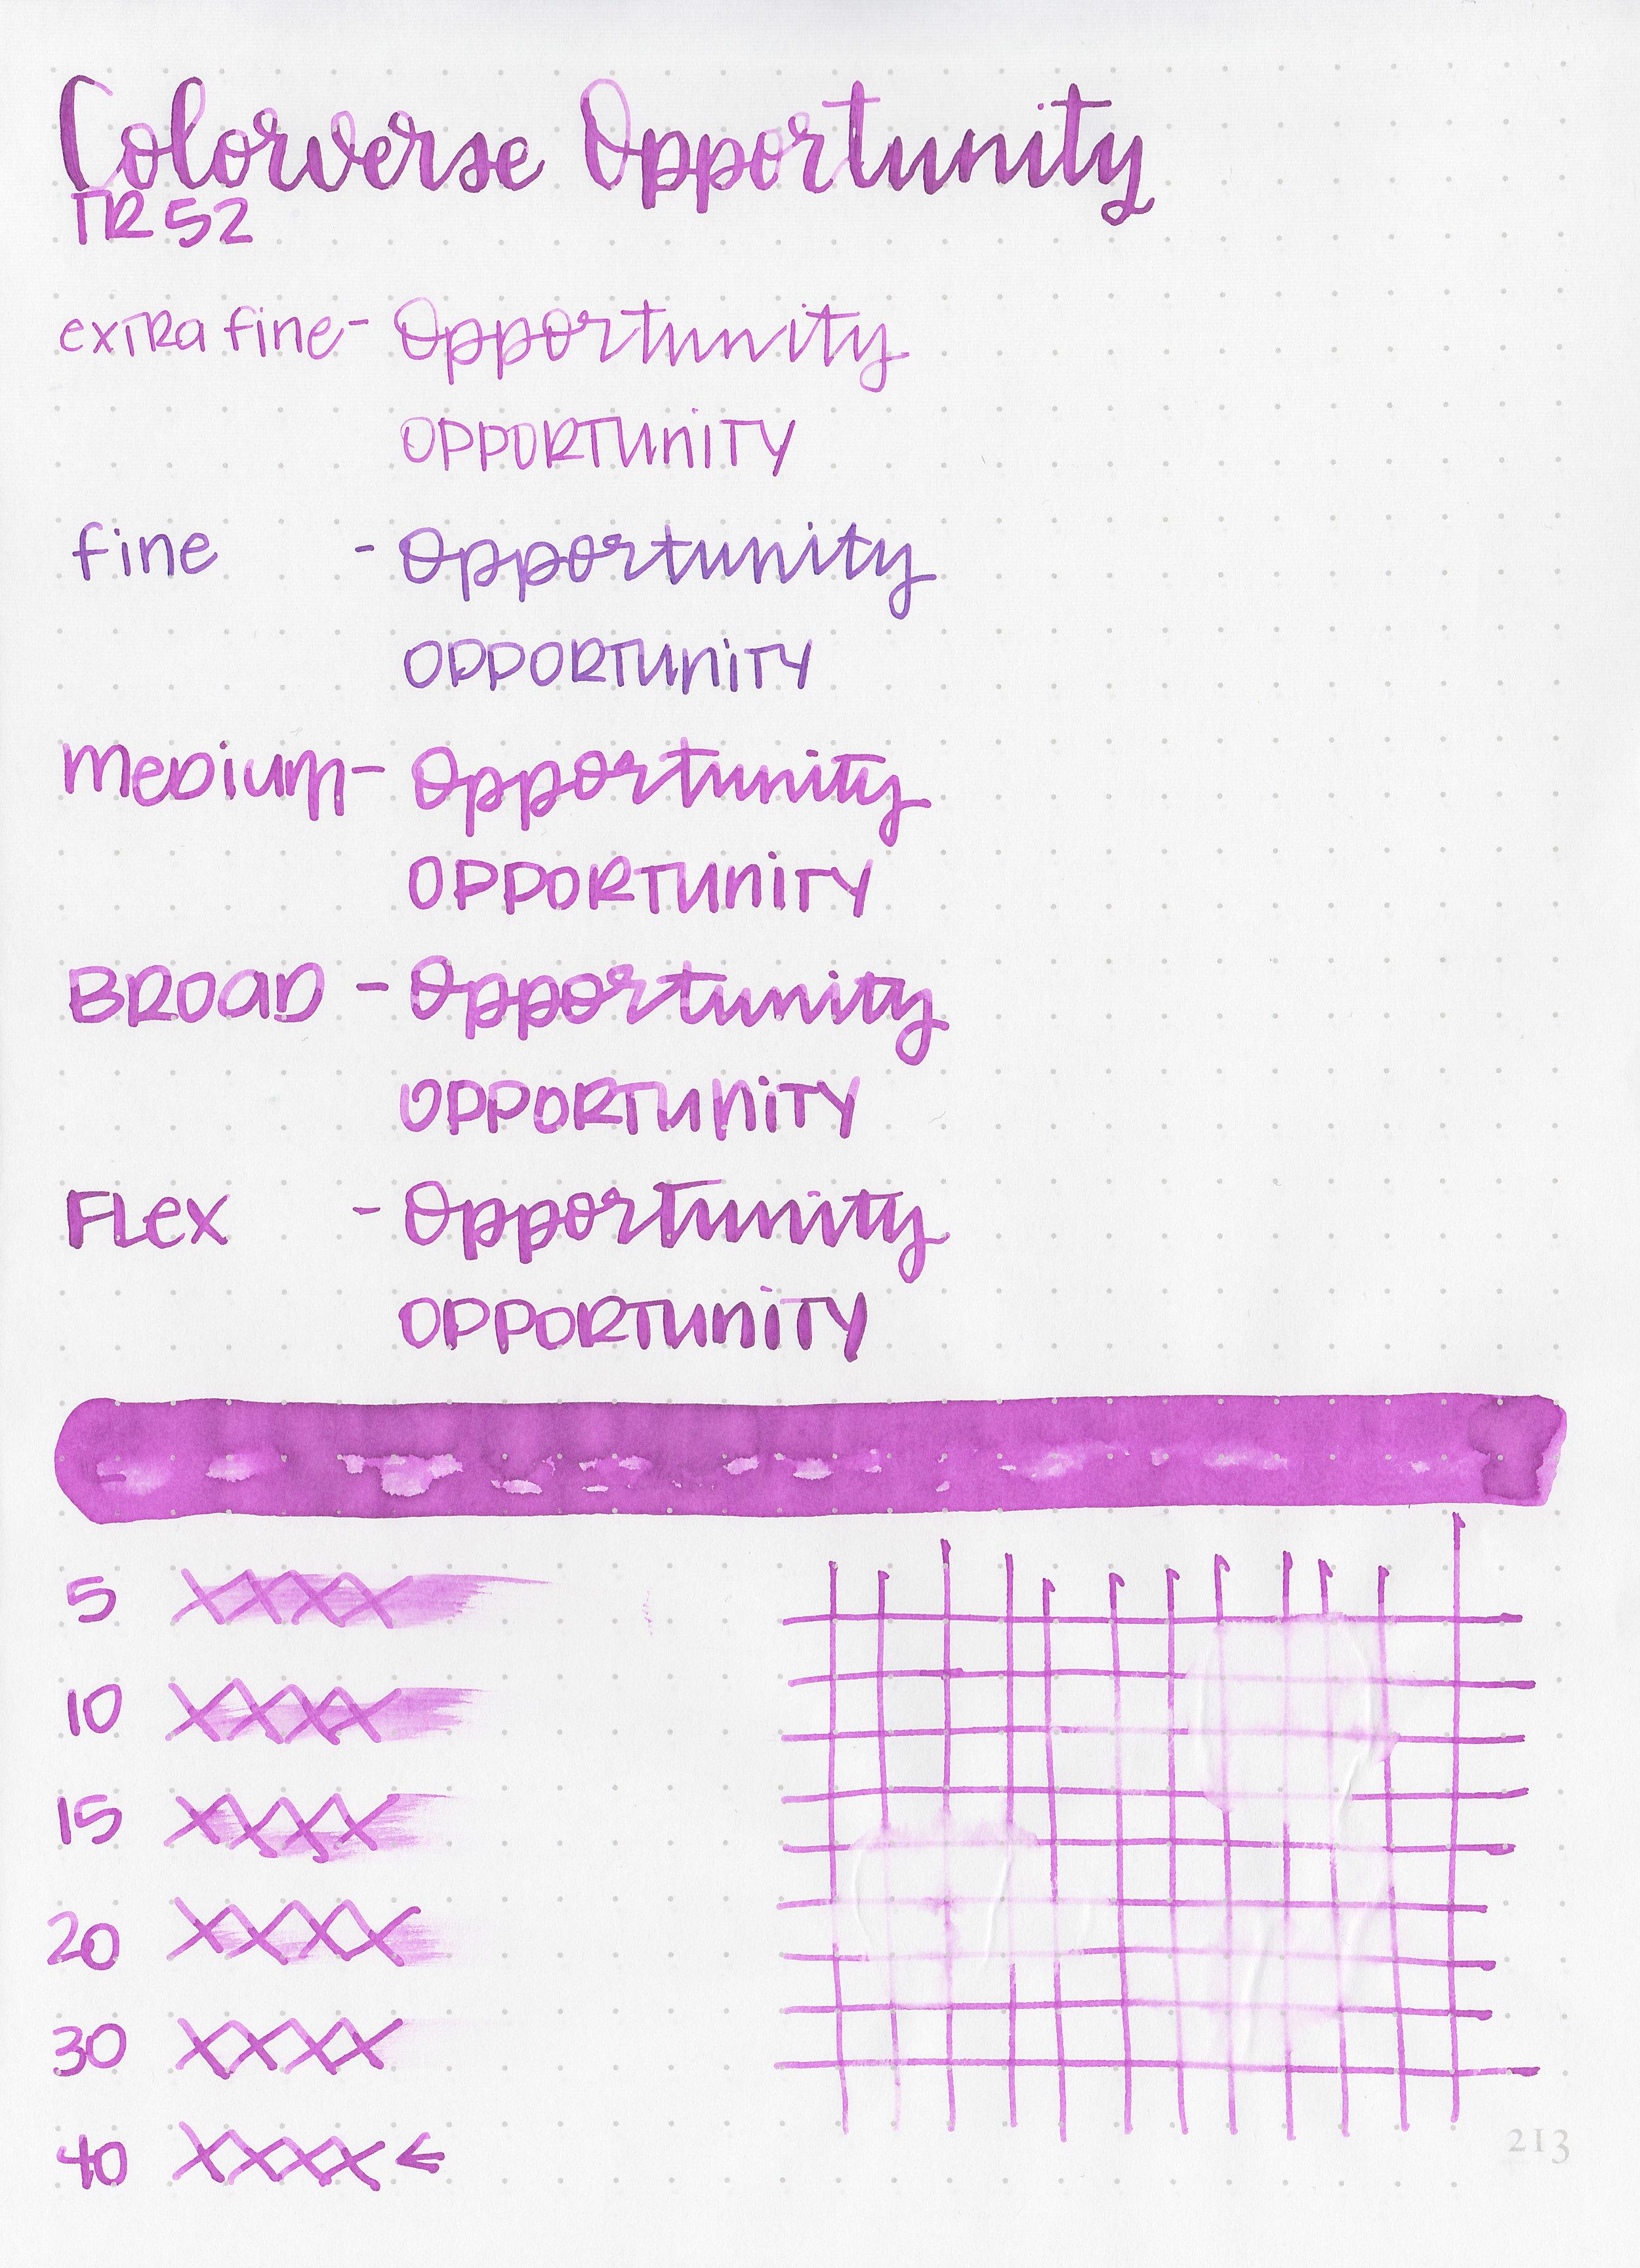 cv-opportunity-8.jpg